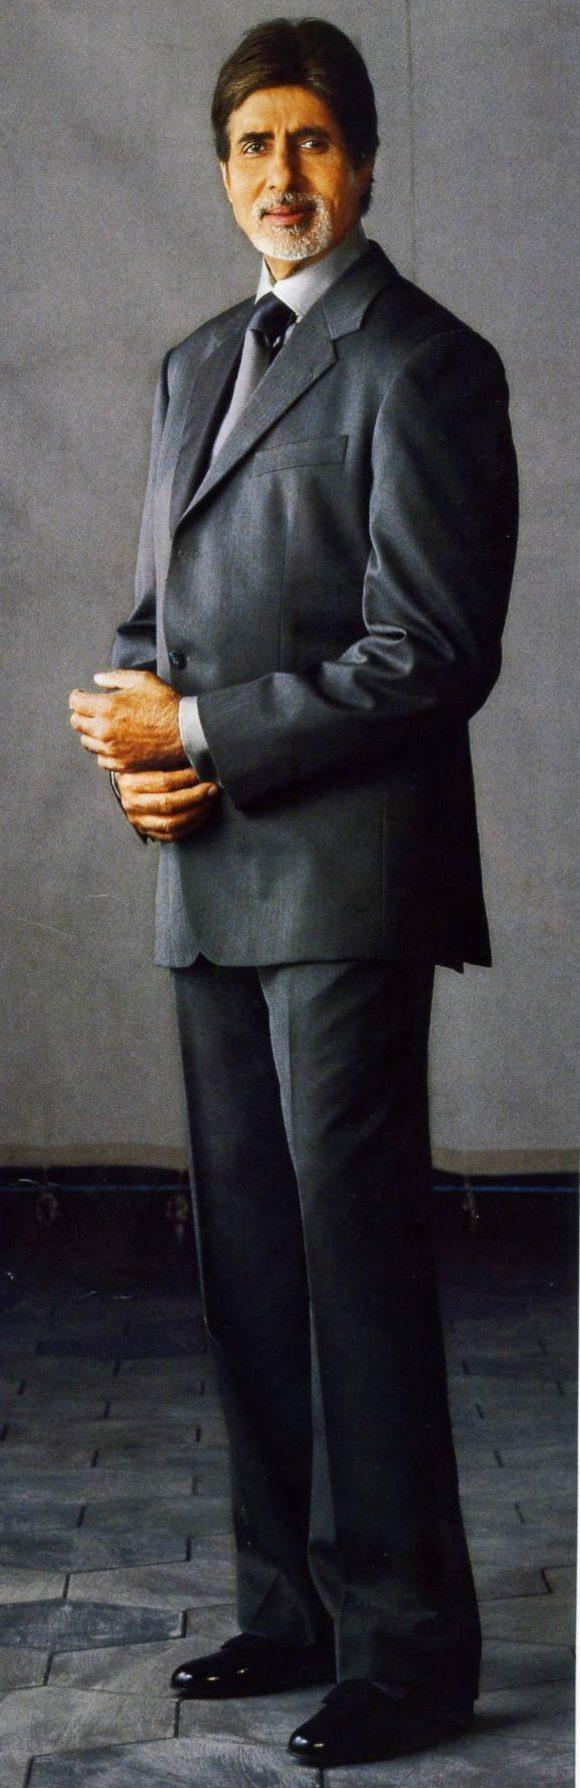 фото Амитабх Баччан